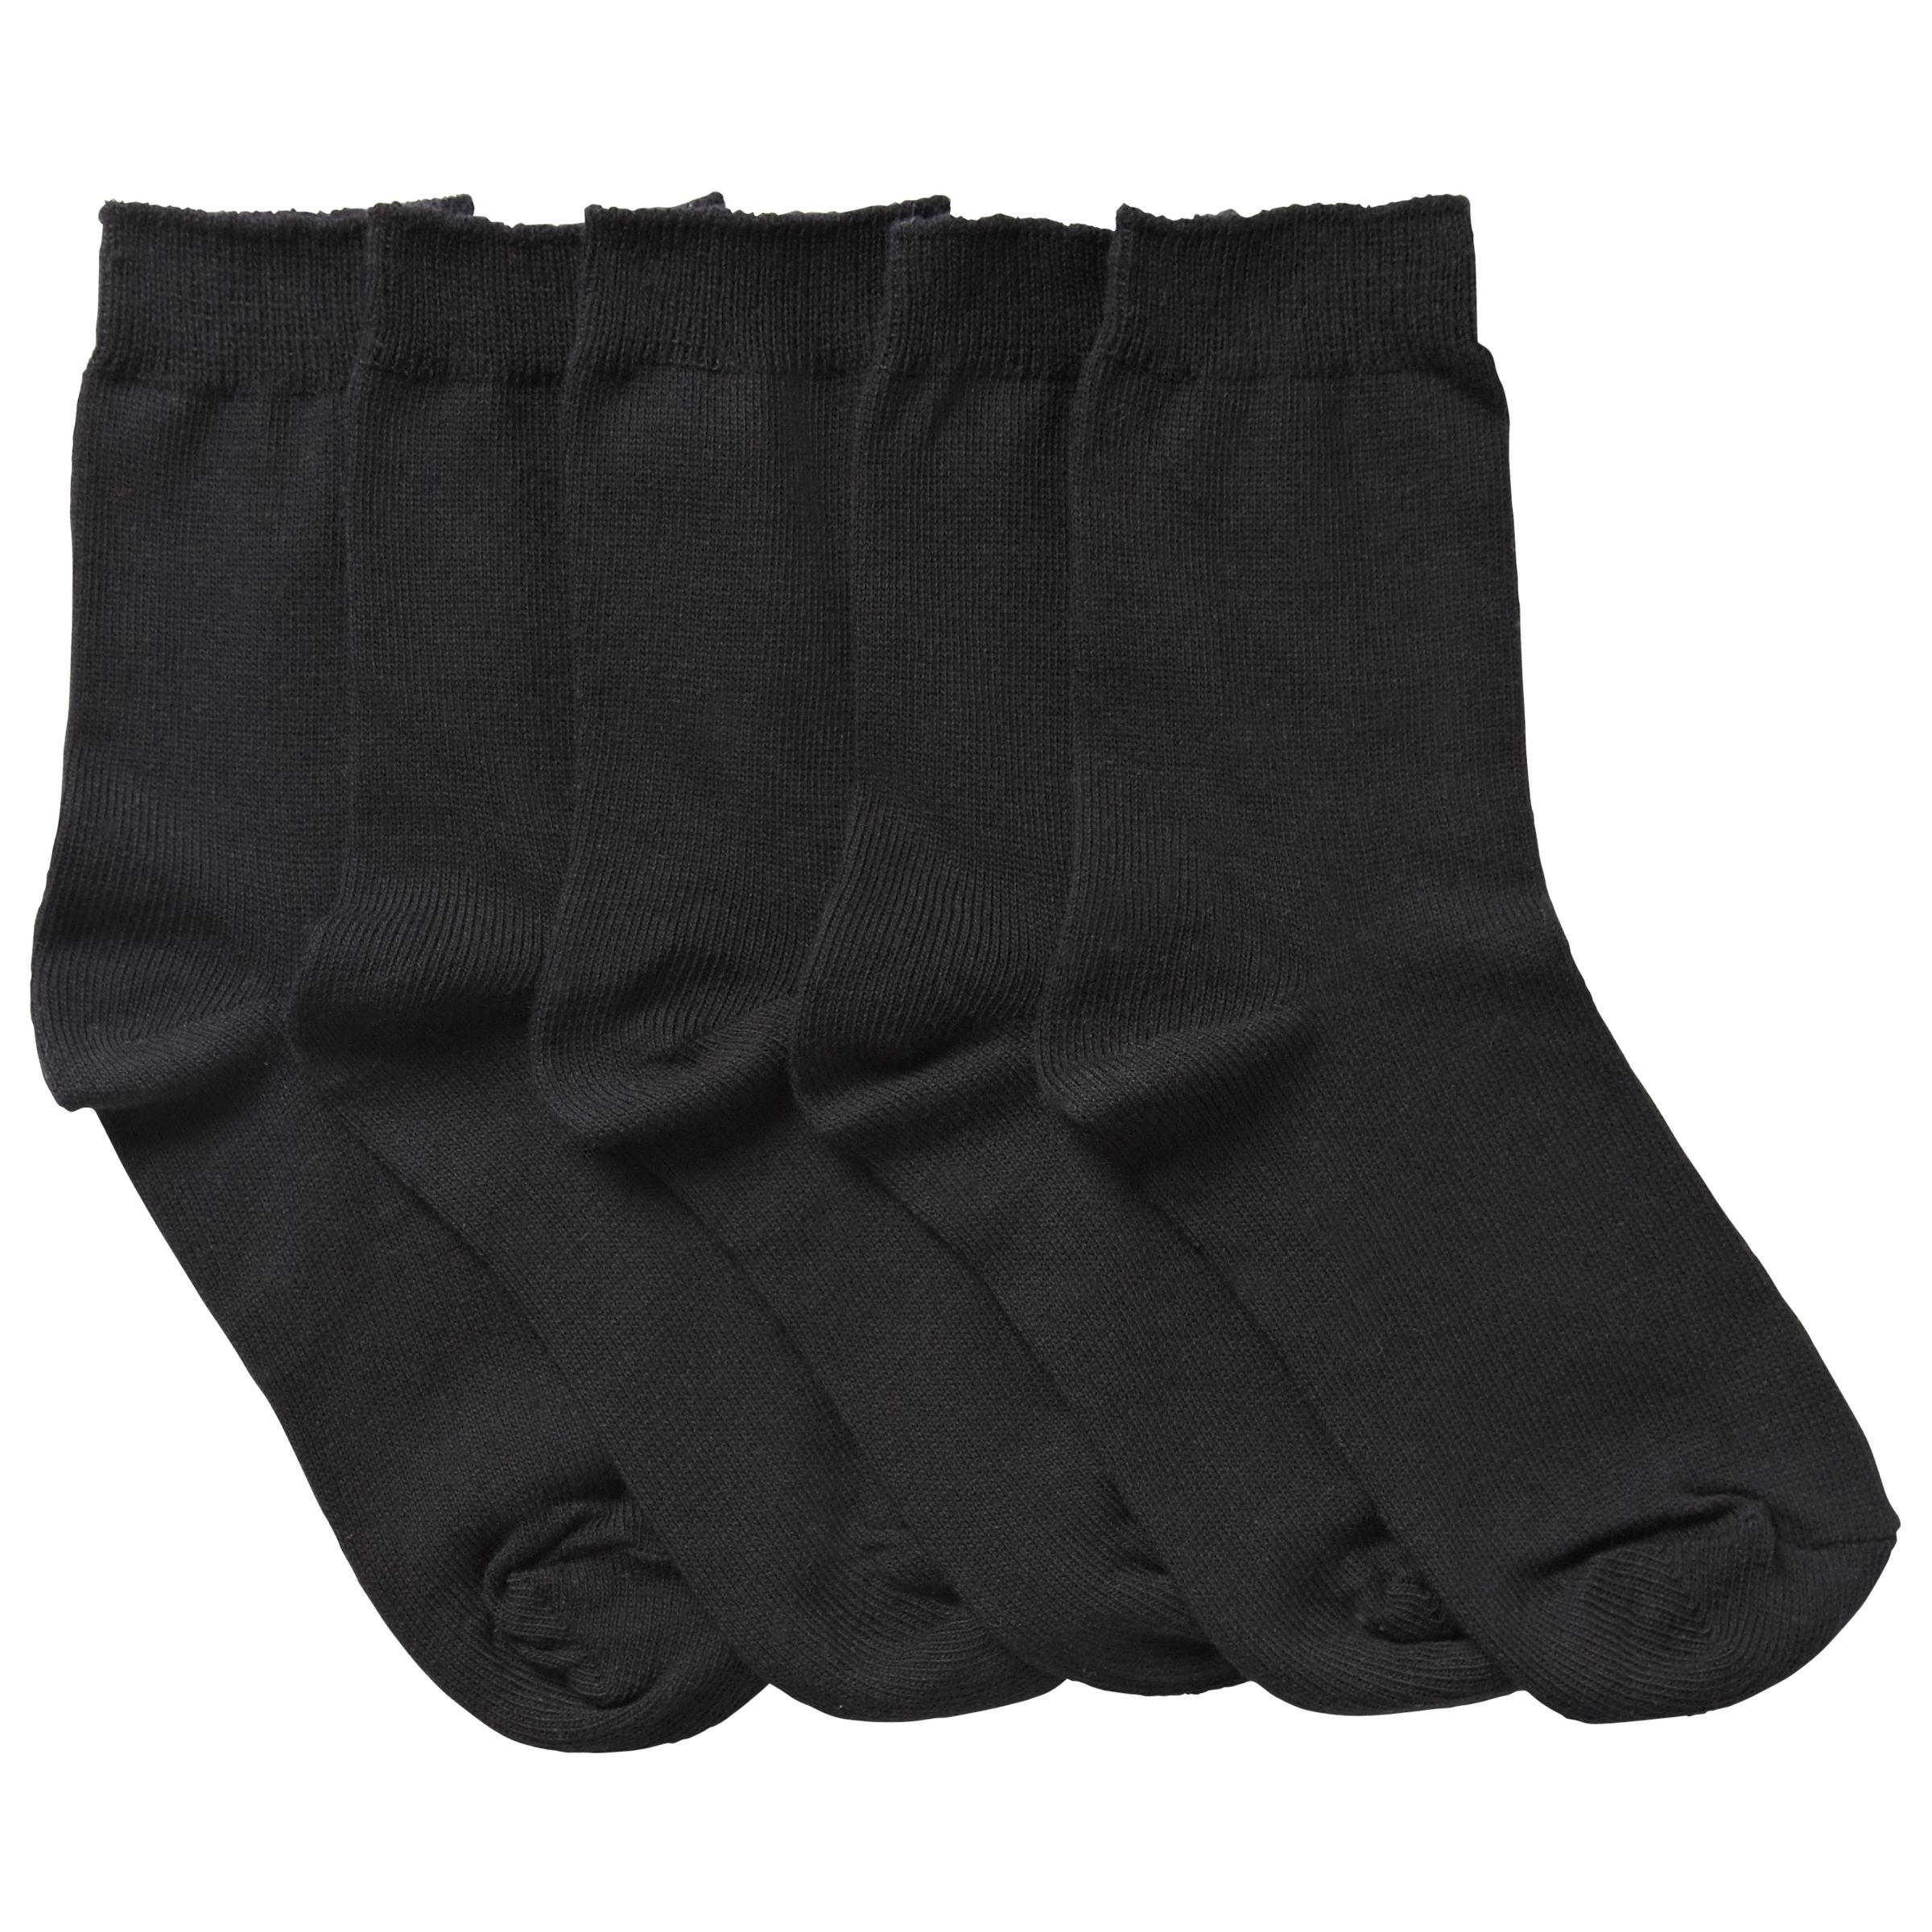 John Lewis Unisex Ankle Socks, Pack of 5, Black